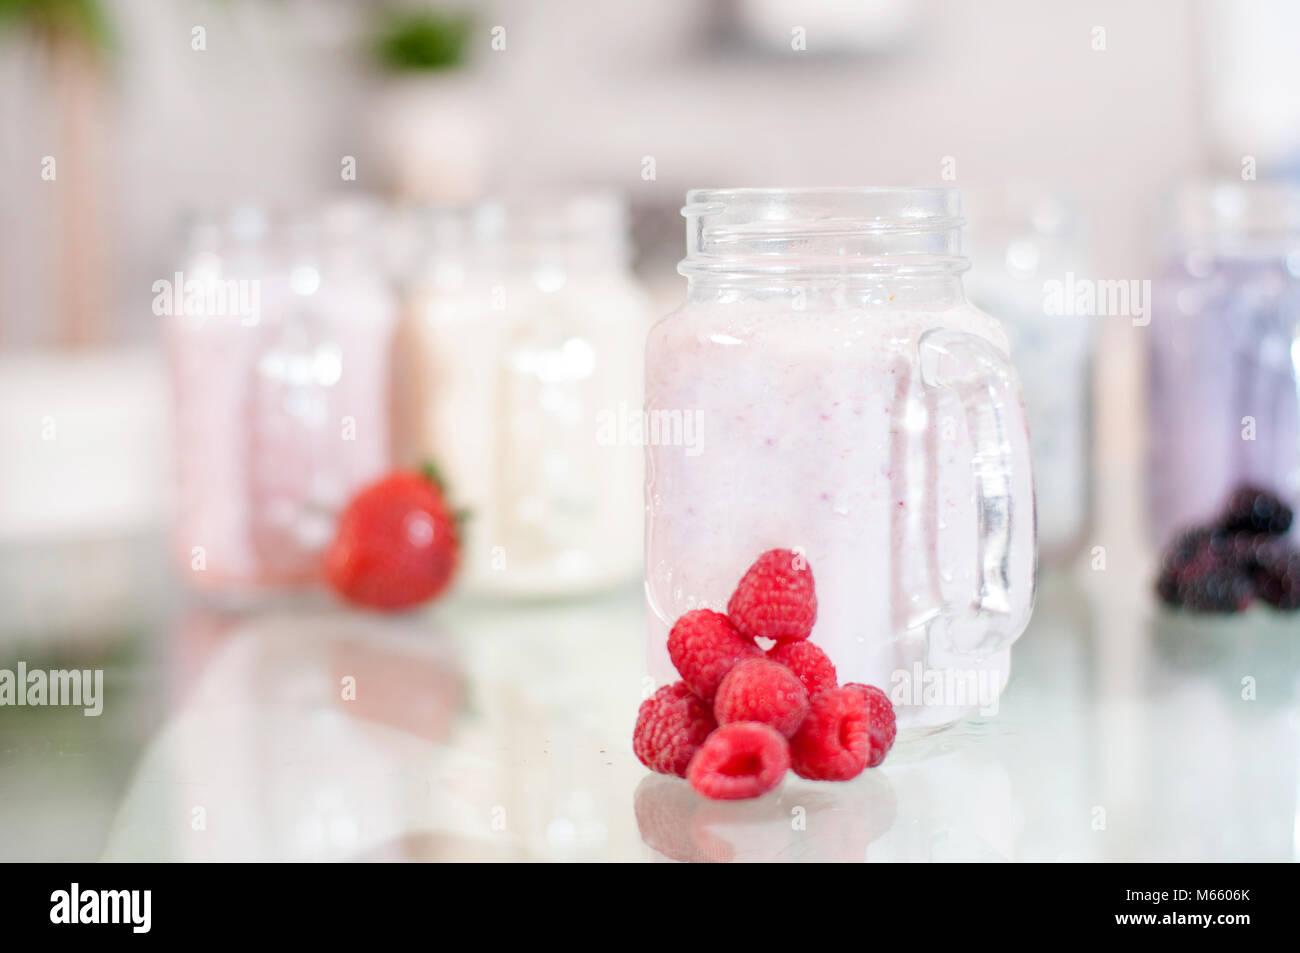 Berry Smoothie Milch in einem Glas, Wohlbefinden und Gewicht loos Konzept. Stockbild